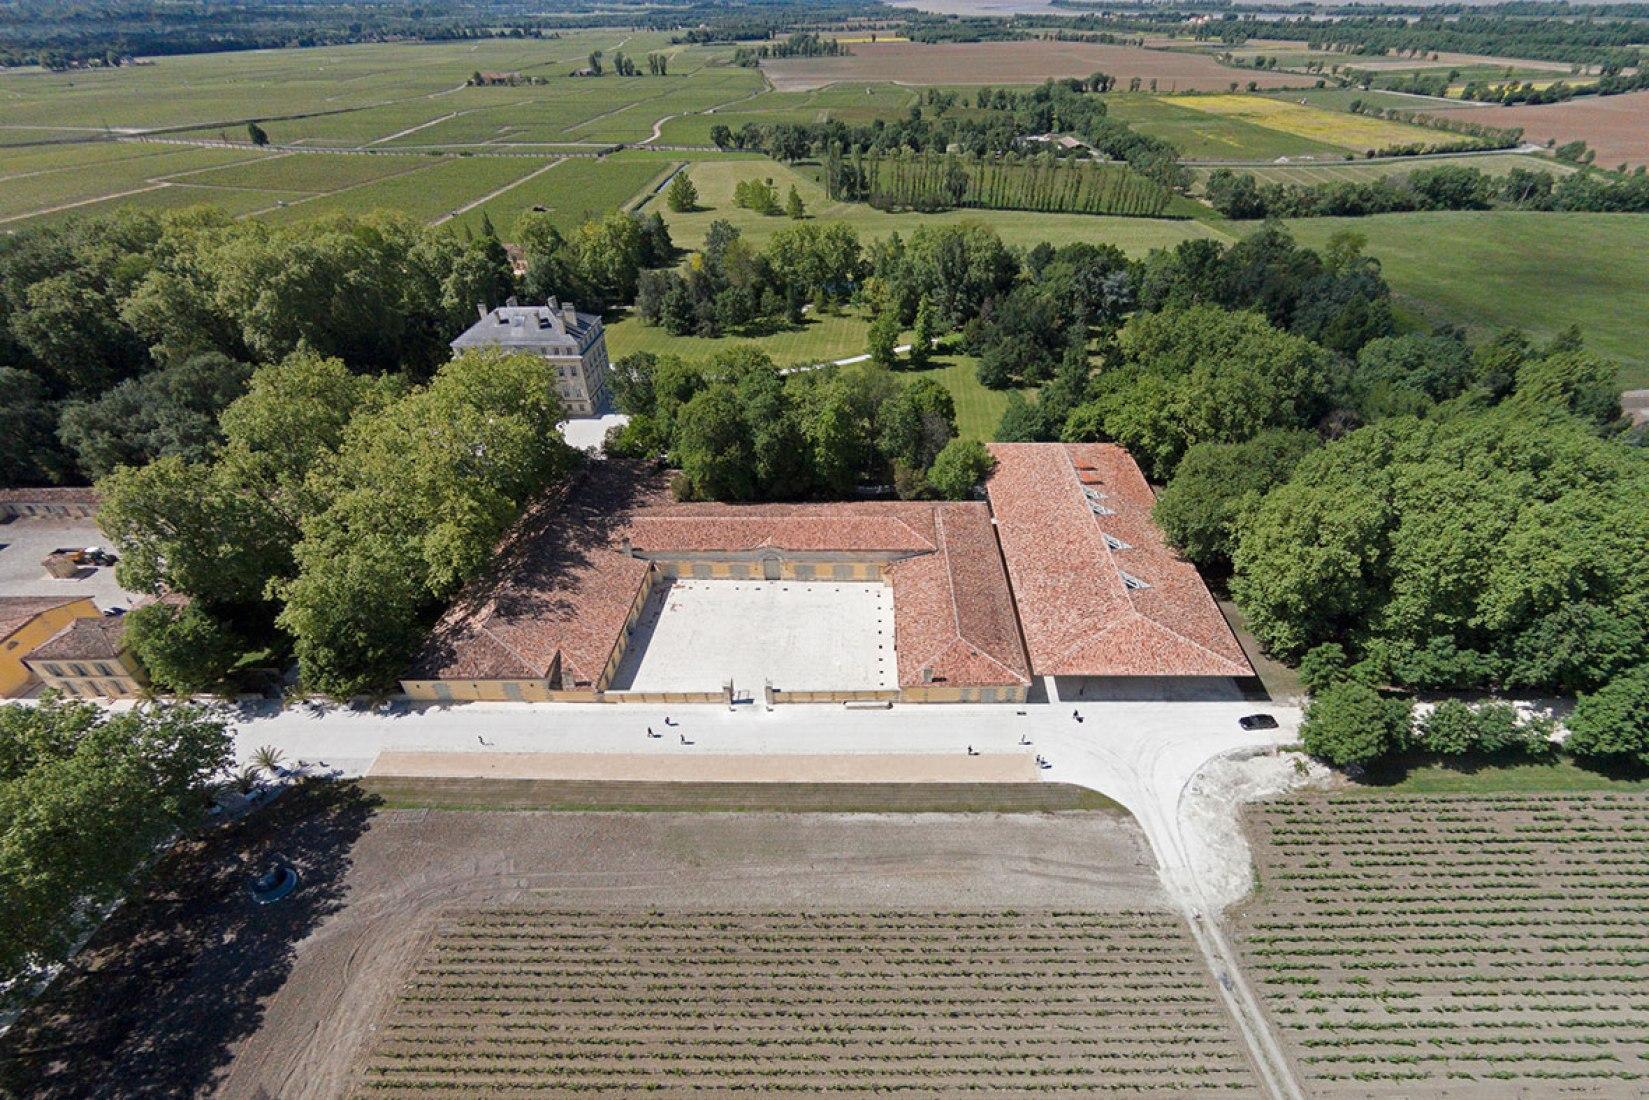 Vista aérea. Nuevas bodegas para Chateau Margaux por Foster and Partners. Fotografía © Nigel Young / Foster + Partners.